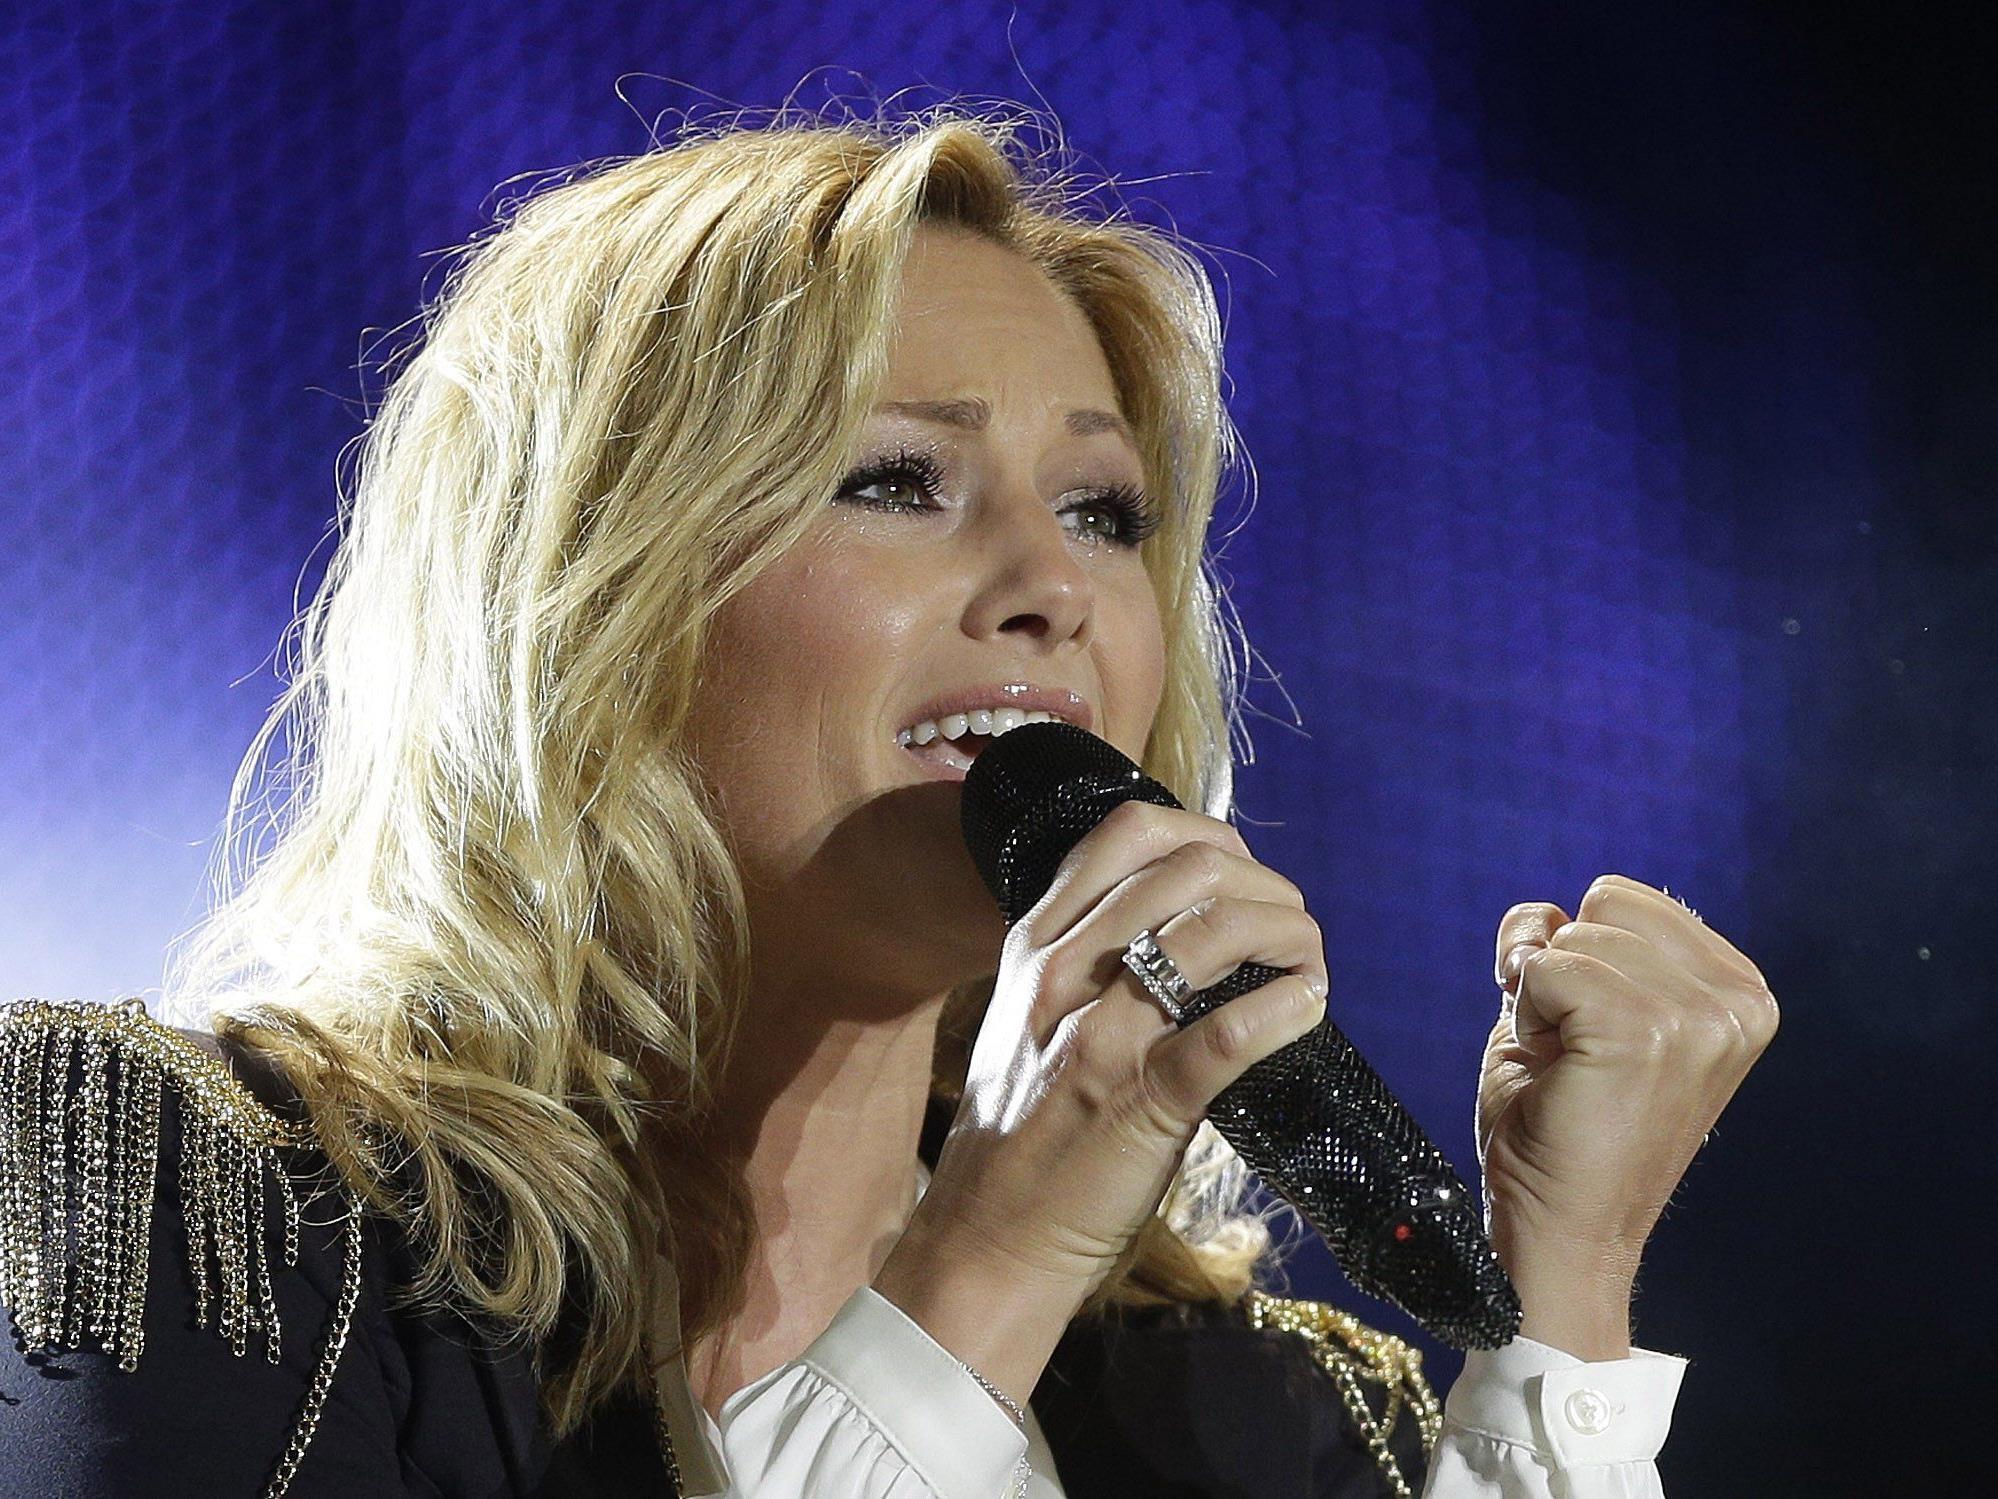 Burgenländer wirft Sängerin vor, Behinderte ausgelacht zu haben.